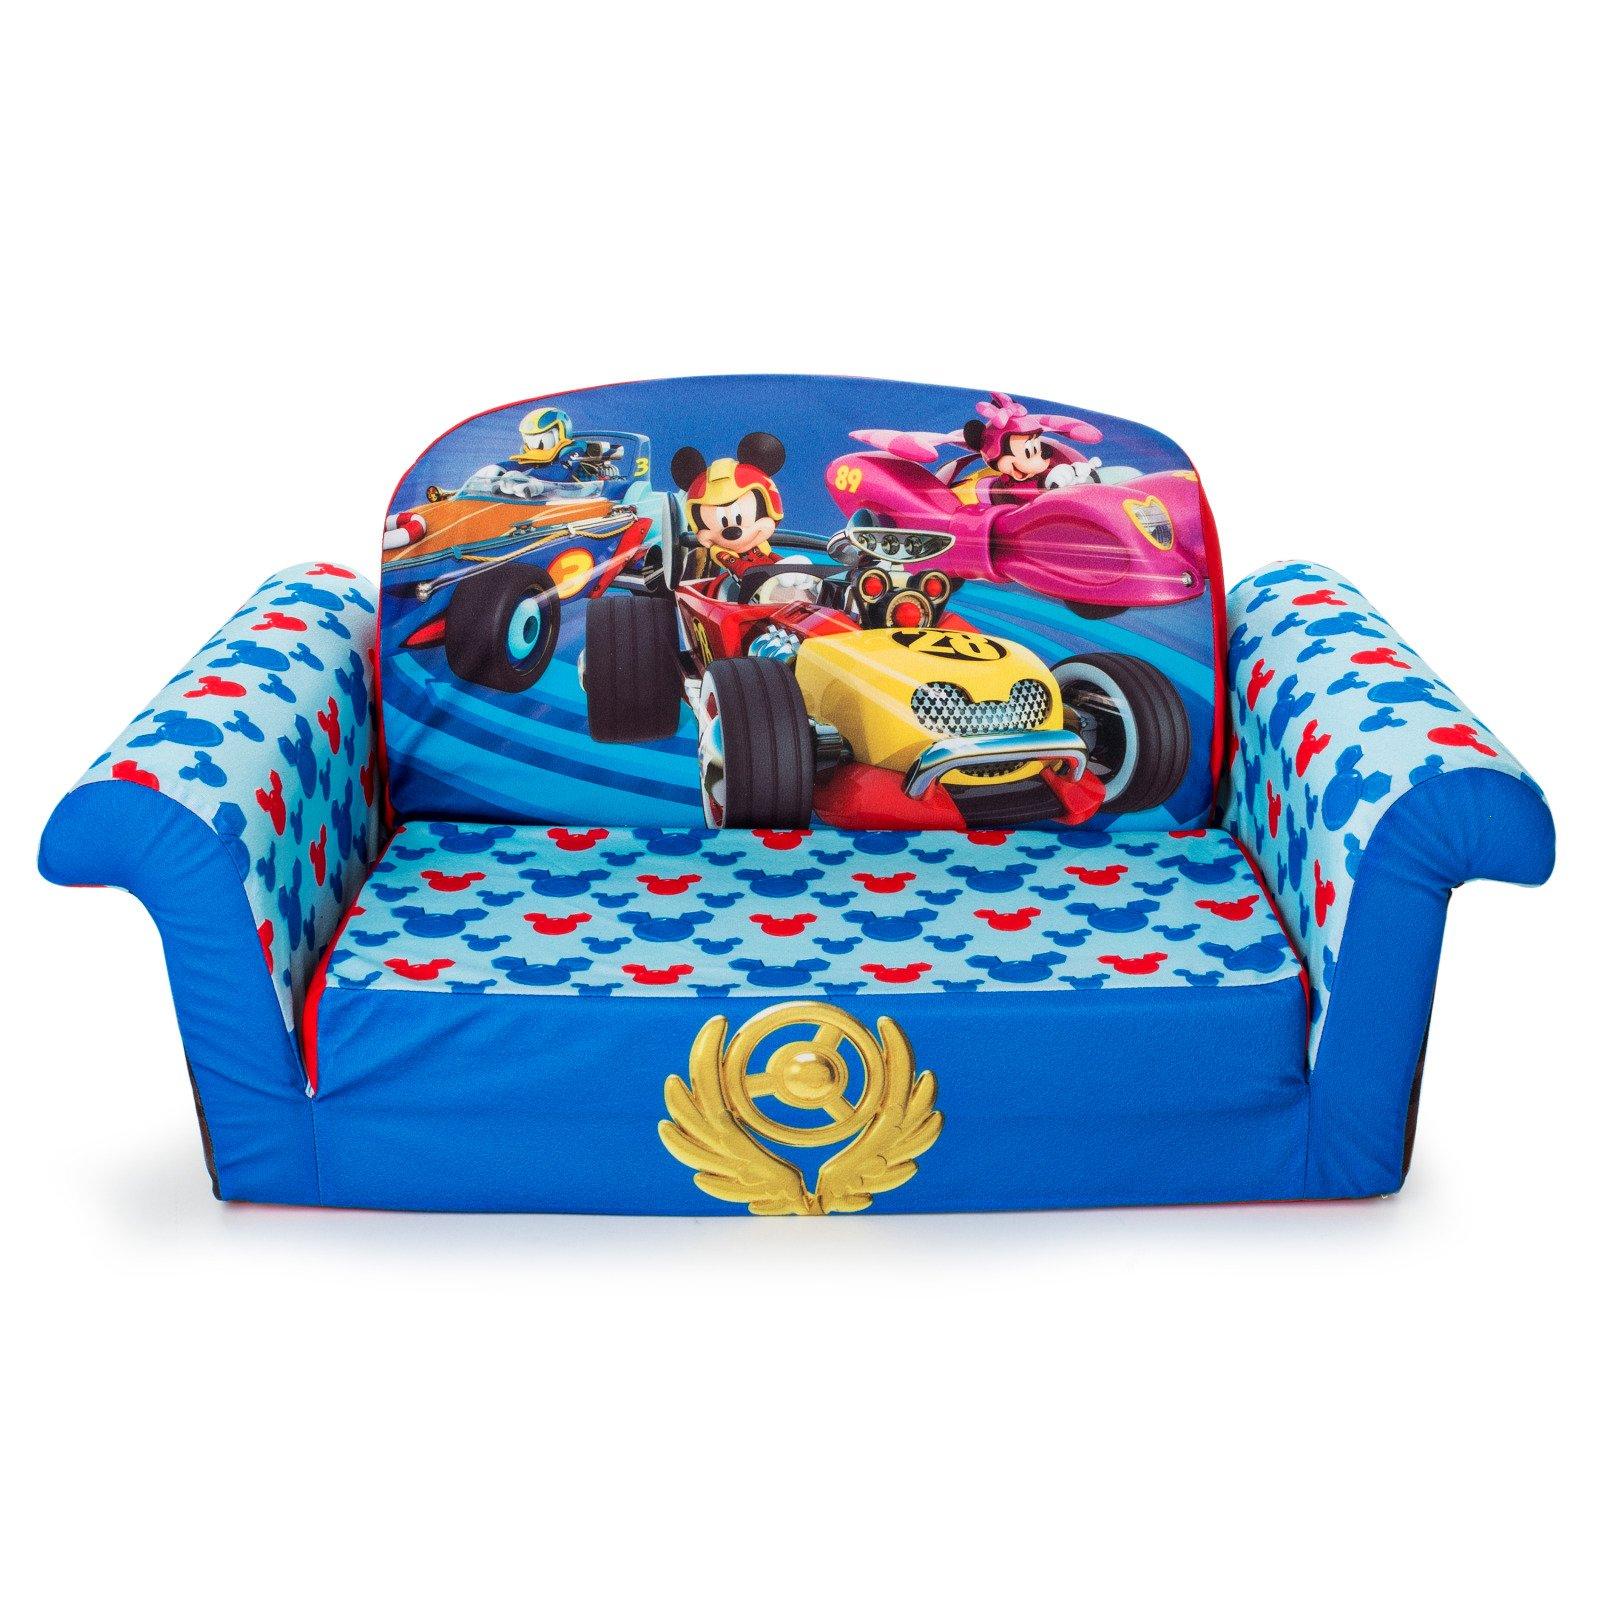 Marshmallow Furniture - Children's 2 in 1 Flip Open Foam Sofa, Disney Mickey Mouse Roadsters Flip Open Sofa (Colors May Vary) by Marshmallow Furniture